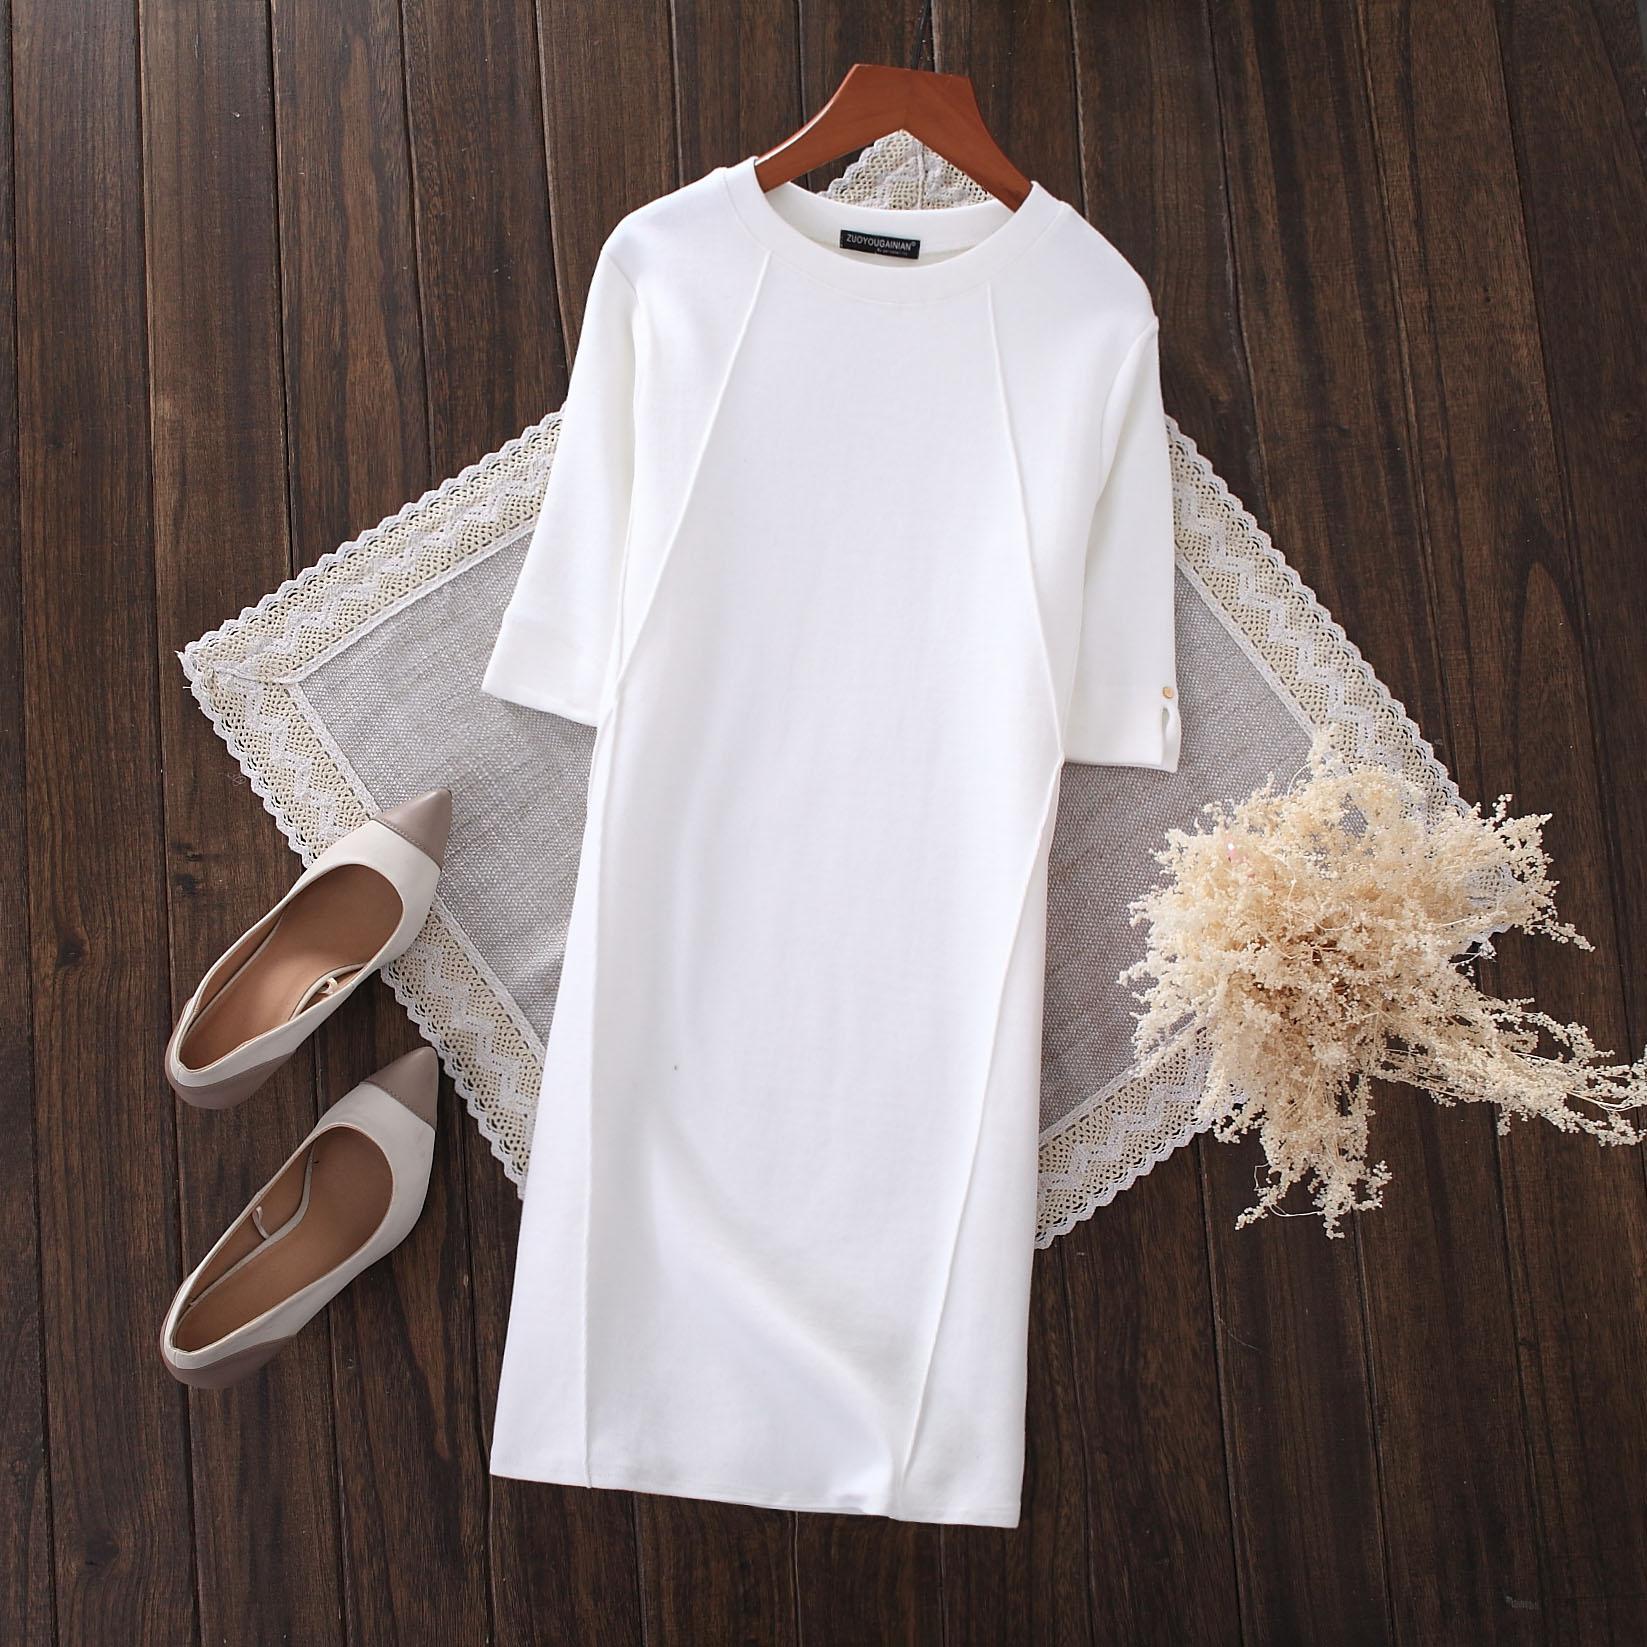 2019秋冬中长款半袖t恤女菱形修身显瘦白色大码短袖打底衫t恤裙